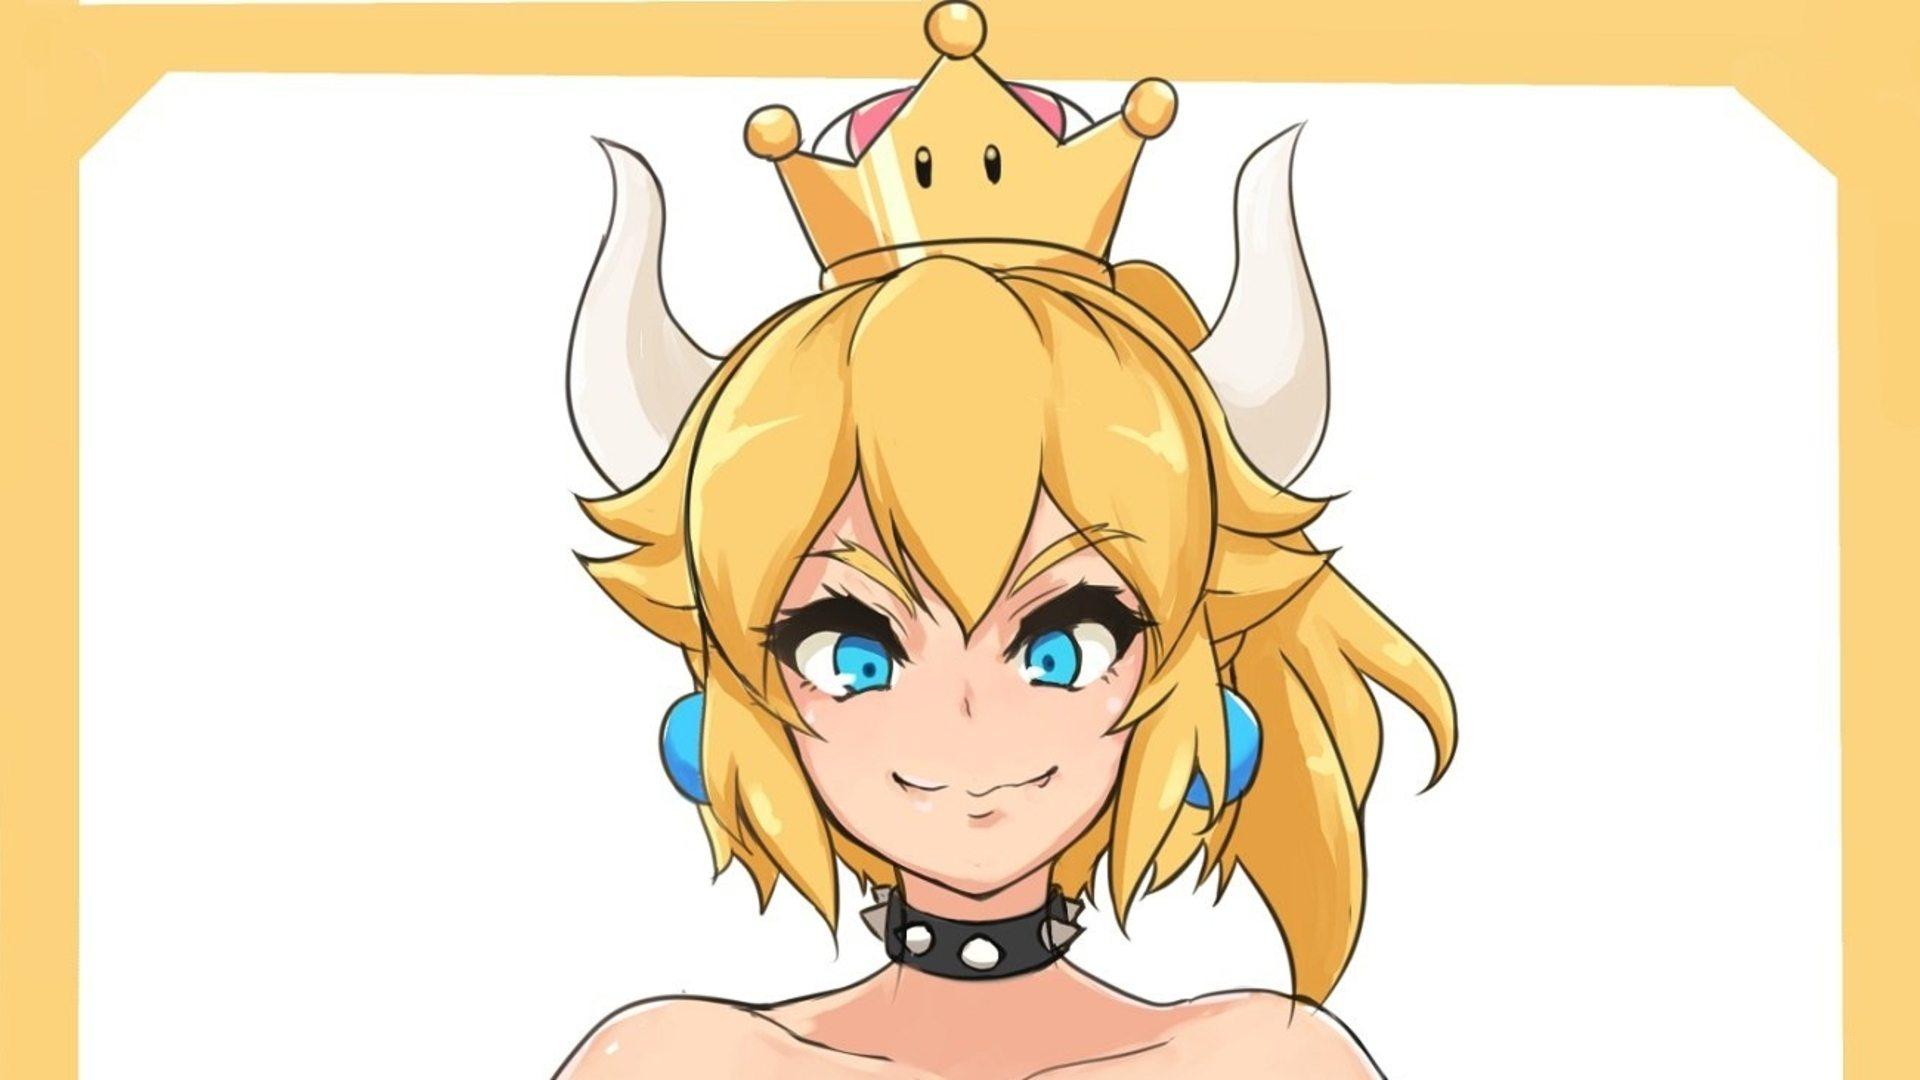 Super Mario Bros U. Deluxe : le personnage de Bowsette n'est pas reconnu par Nintendo